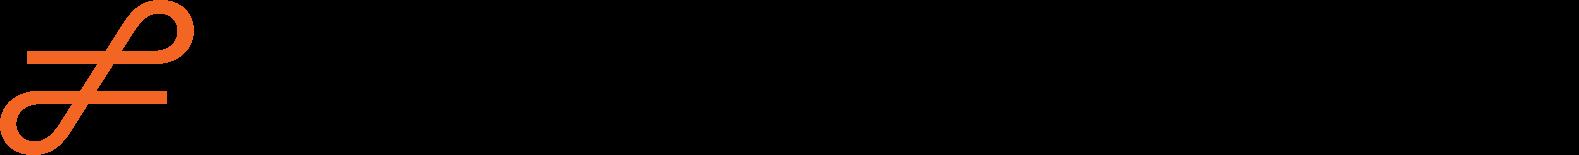 Operabase